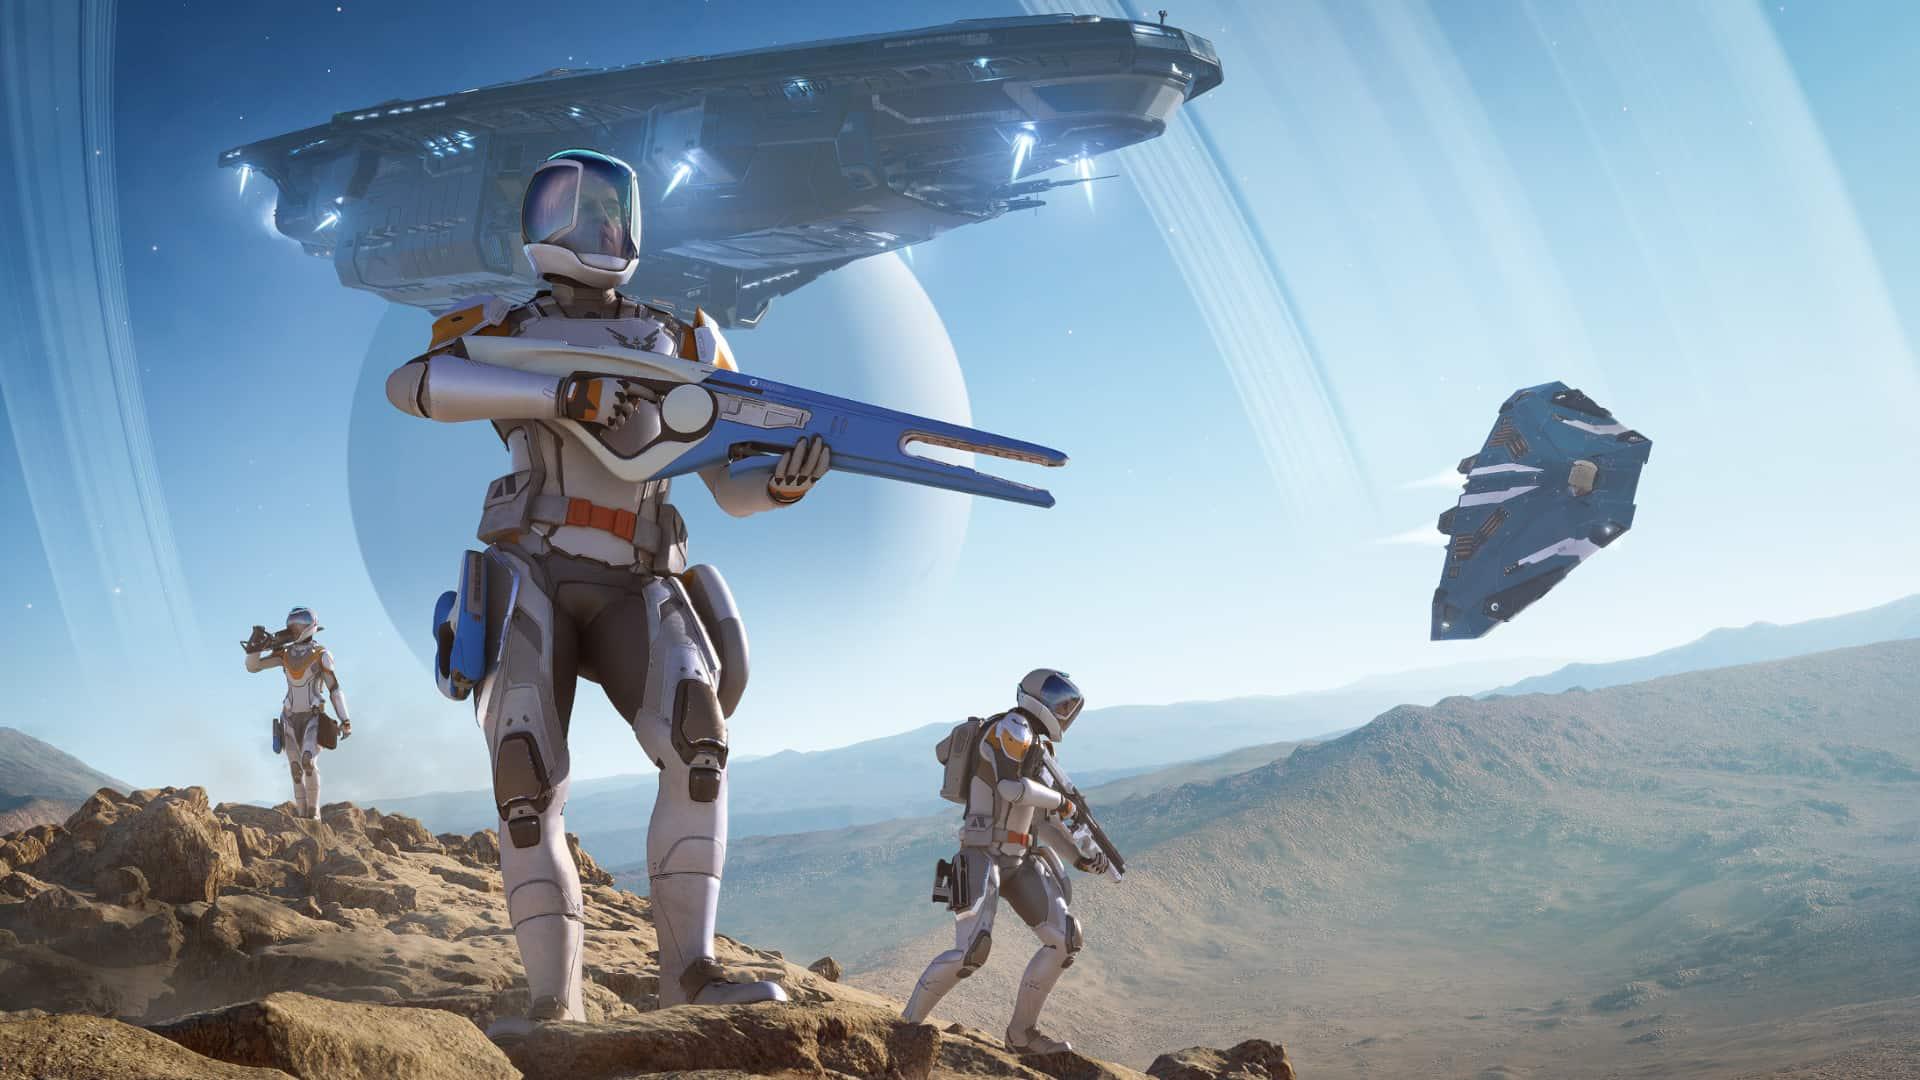 Elite Dangerous : Odyssey, une extension majeure pour 2021 misant sur l'exploration spatiale